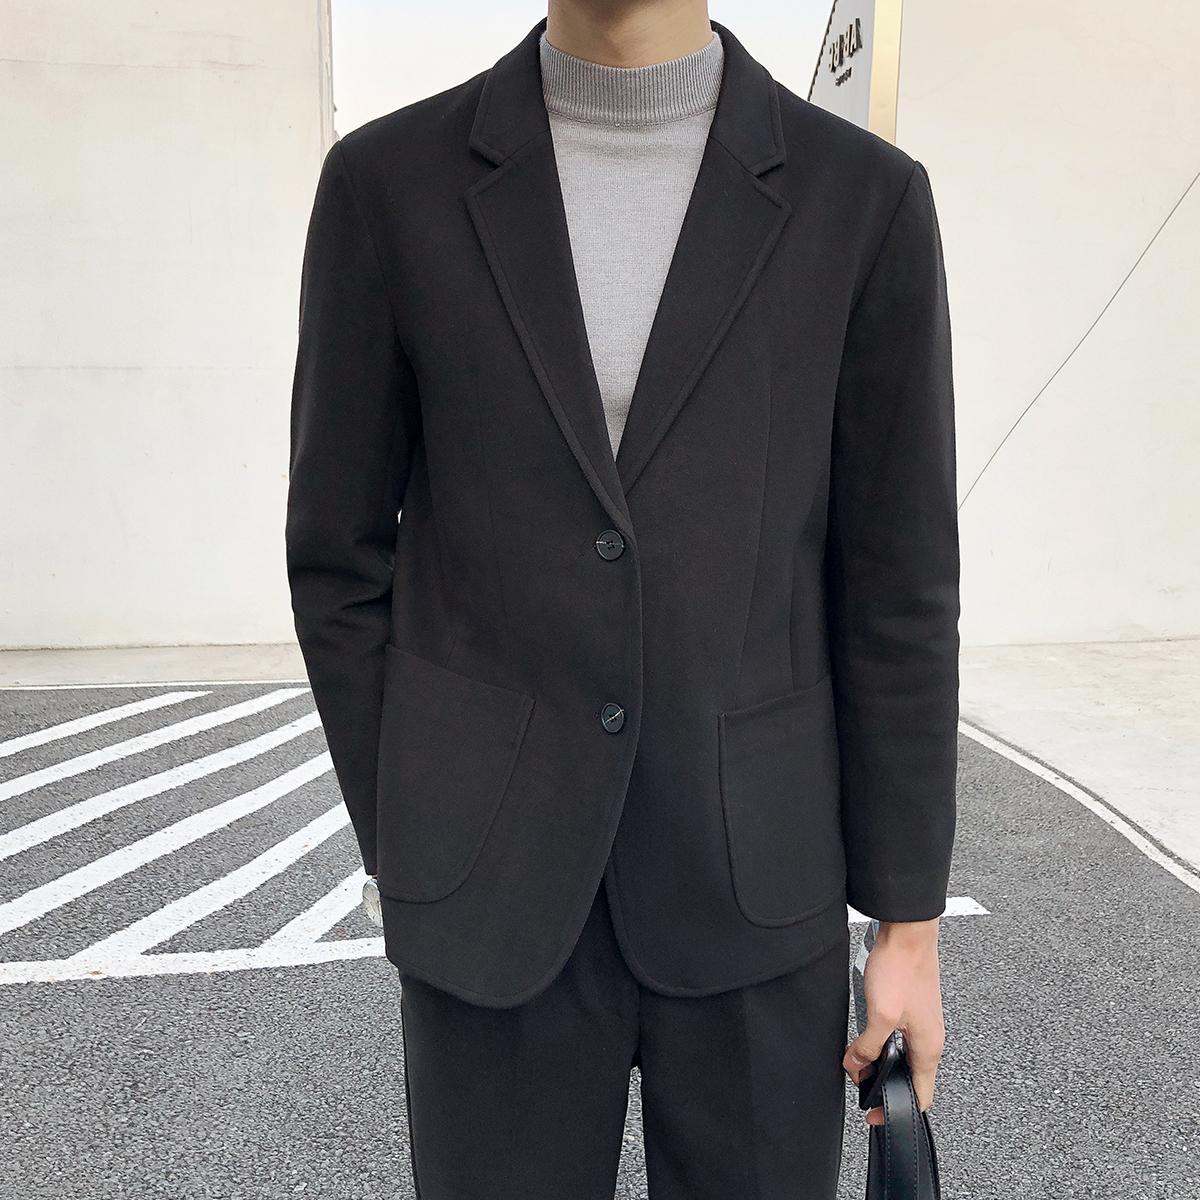 日本BK秋冬2020新款毛呢小西装时尚修身潮流痞帅气休闲单排扣西服